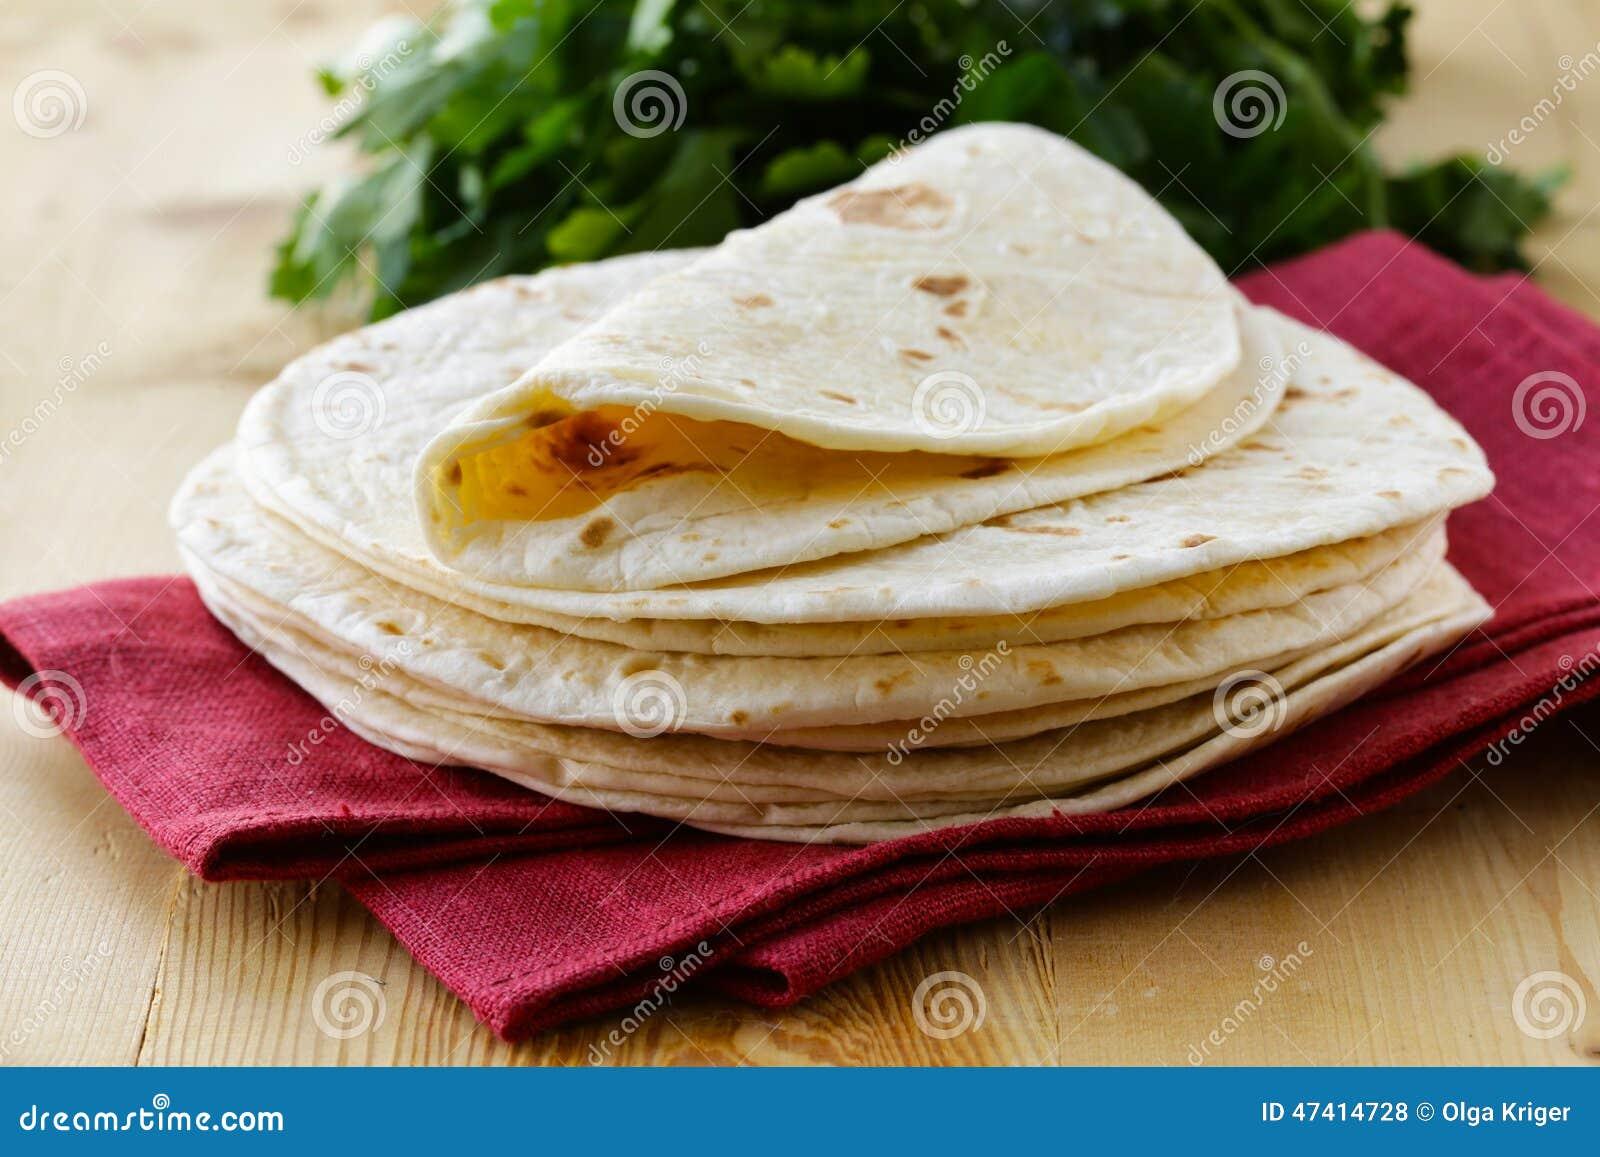 Σωρός σπιτικά ολόκληρα tortillas αλευριού σίτου